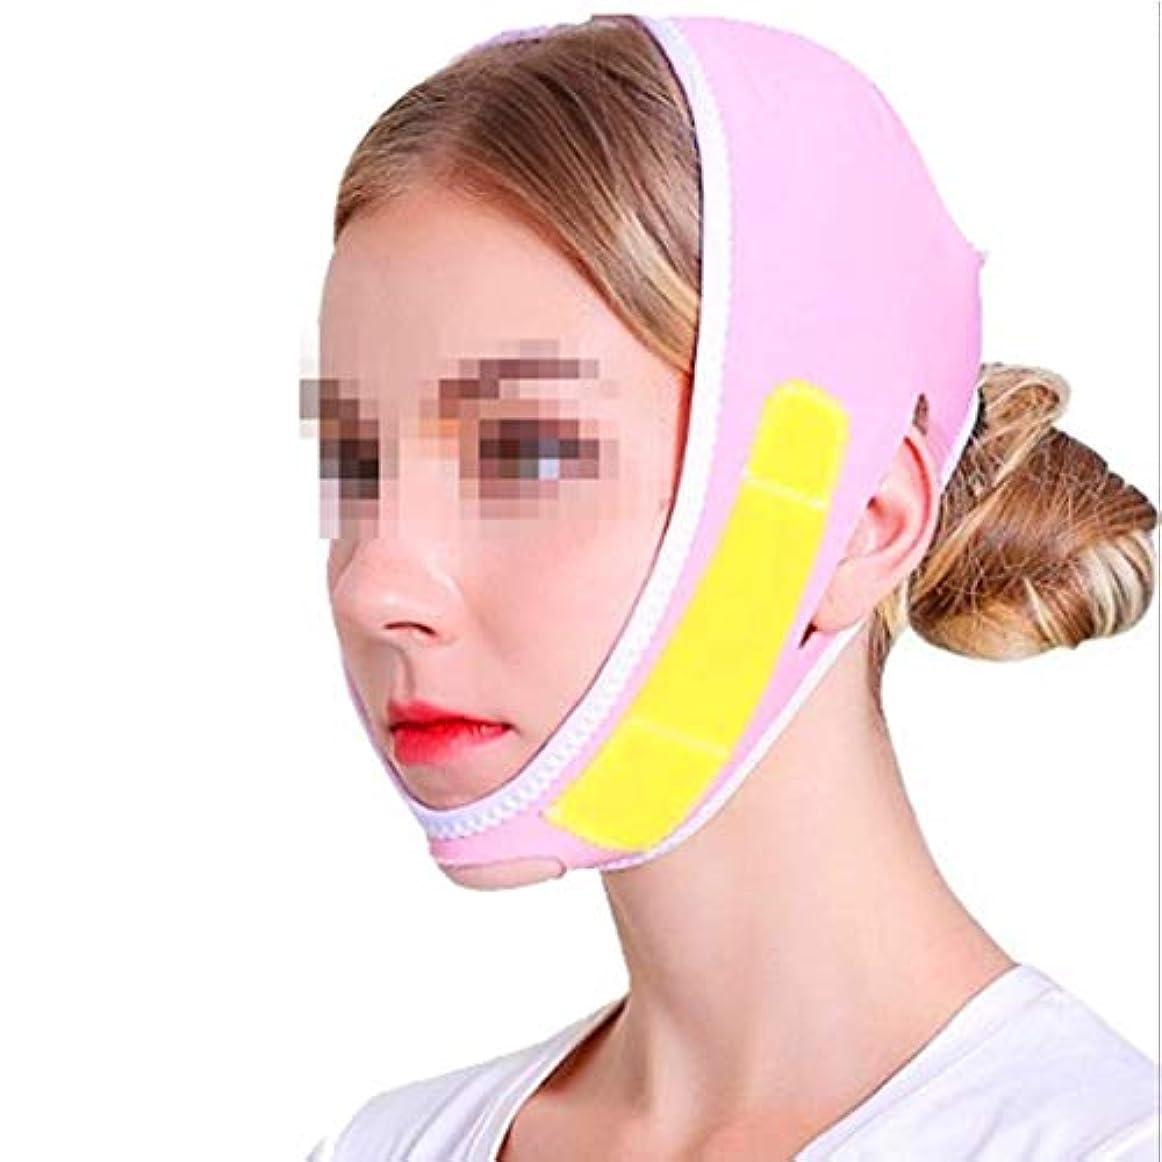 更新するハンドブック船外フェイスリフトマスク、Vフェイスフェイシャルリフティング、およびローラインにしっかりと締め付けます二重あごの美容整形包帯マルチカラーオプション(カラー:イエロー),ピンク